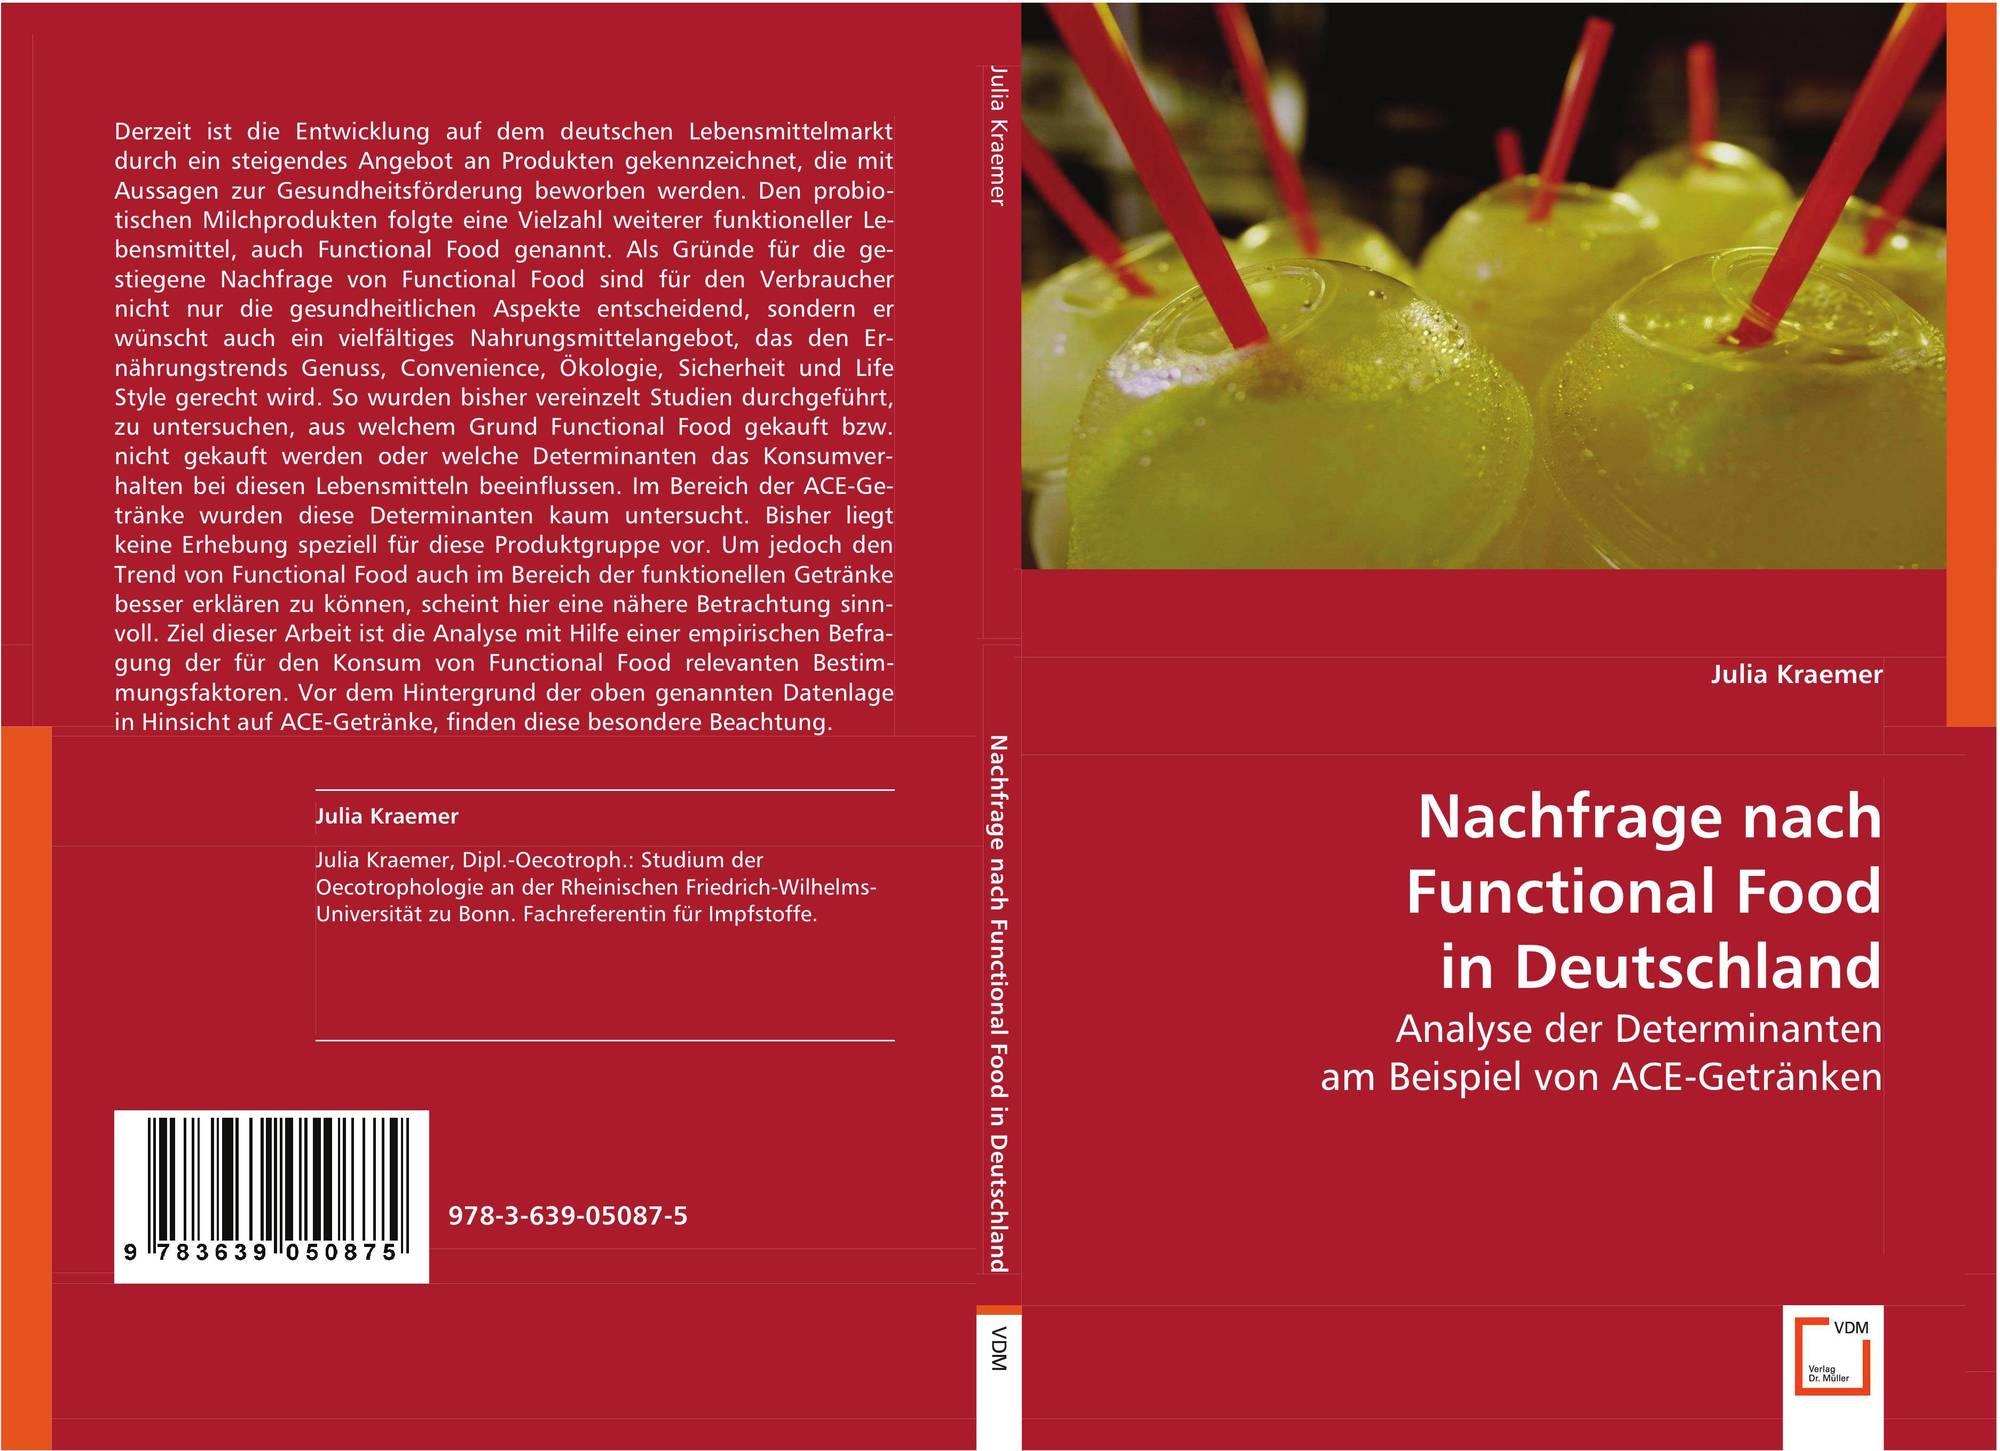 Nachfrage nach Functional Food in Deutschland, 978-3-639-05087-5 ...